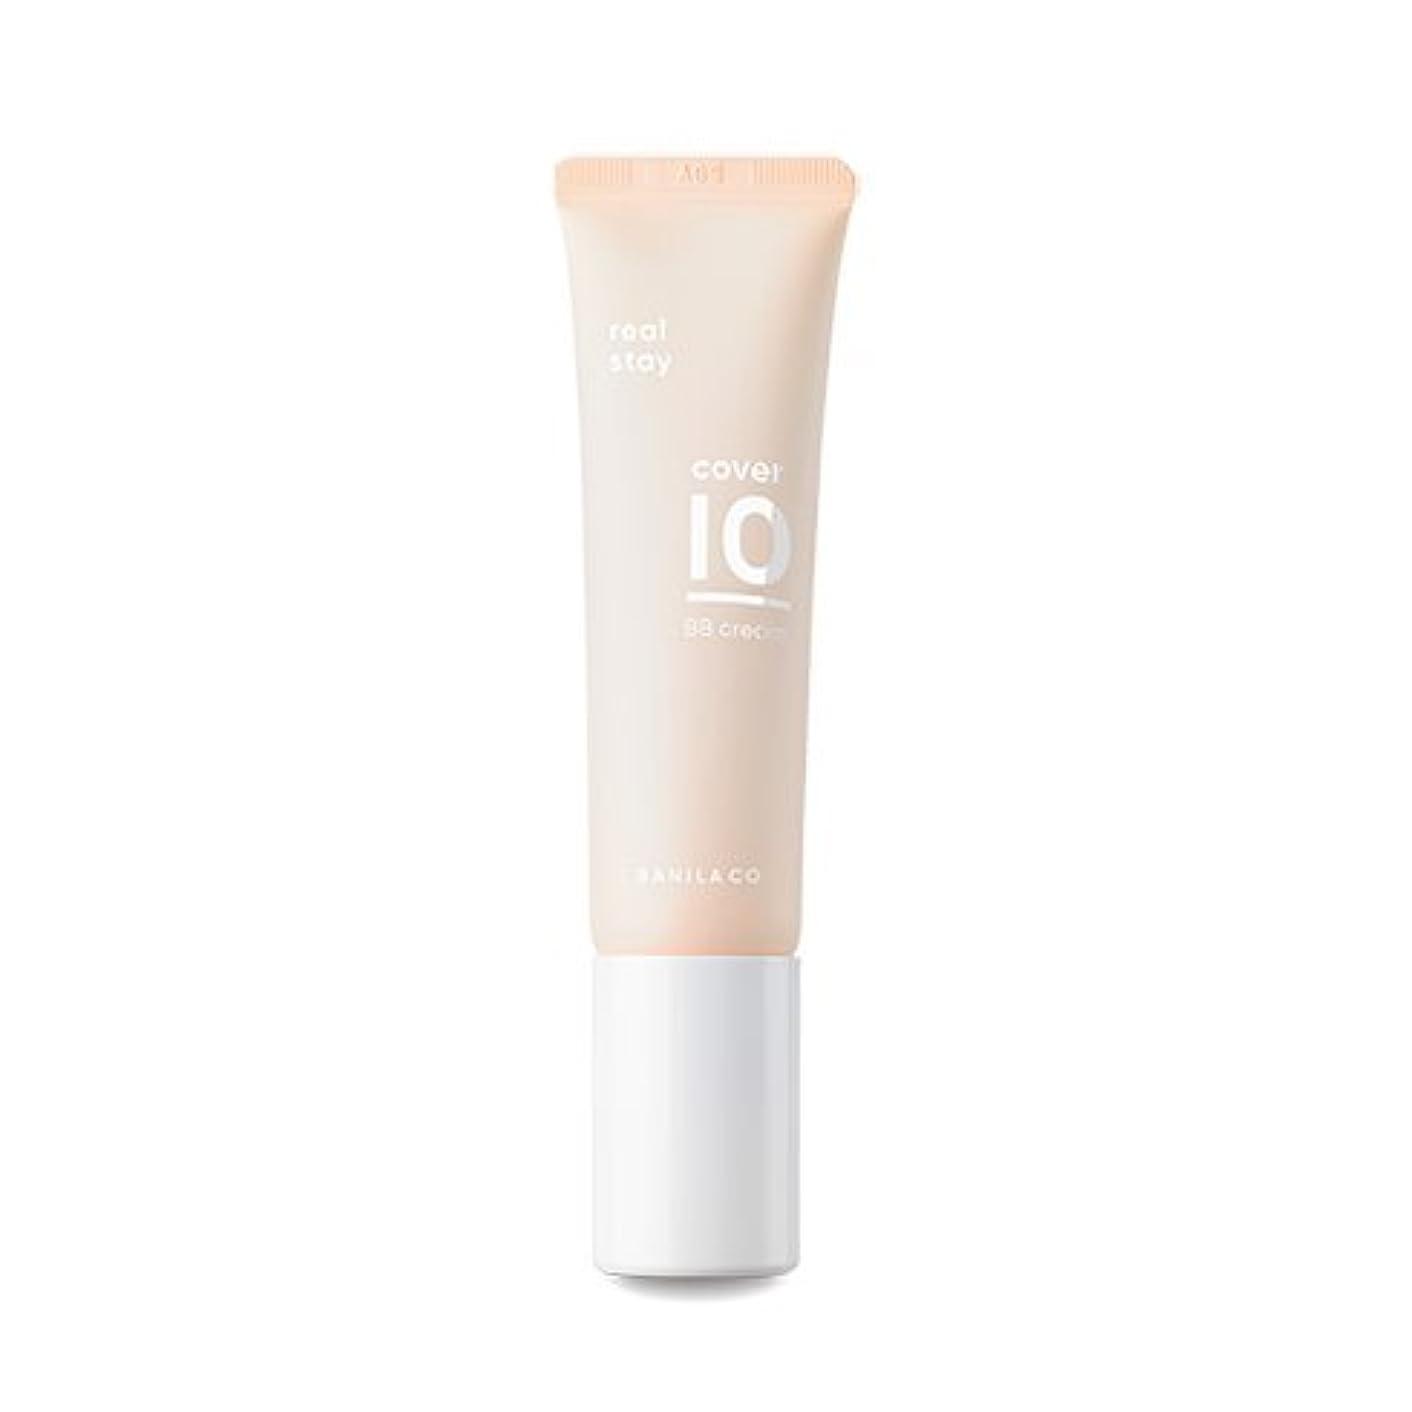 シンカン格納キルス[Renewal] BANILA CO Cover 10 Real Stay BB Cream 30ml/バニラコ カバー 10 リアル ステイ BBクリーム 30ml (#Natural Beige) [並行輸入品]